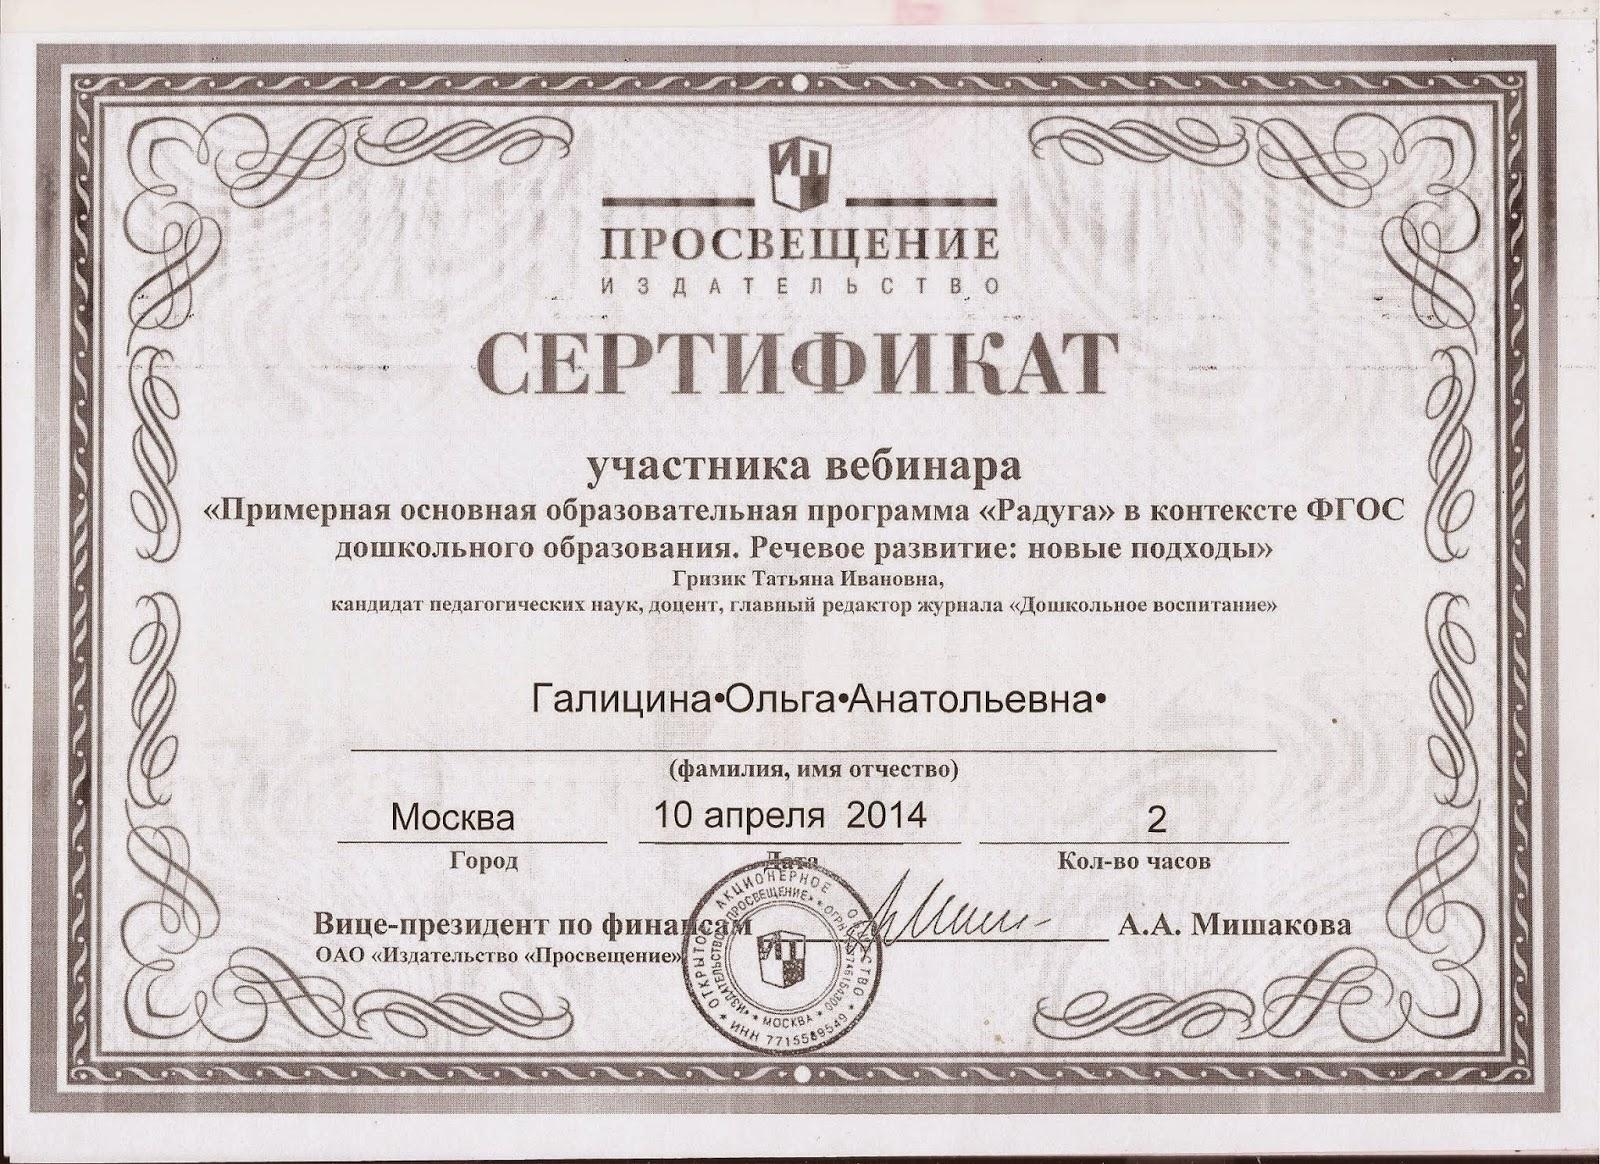 Сертификат вебинара скачать бесплатно - 97d